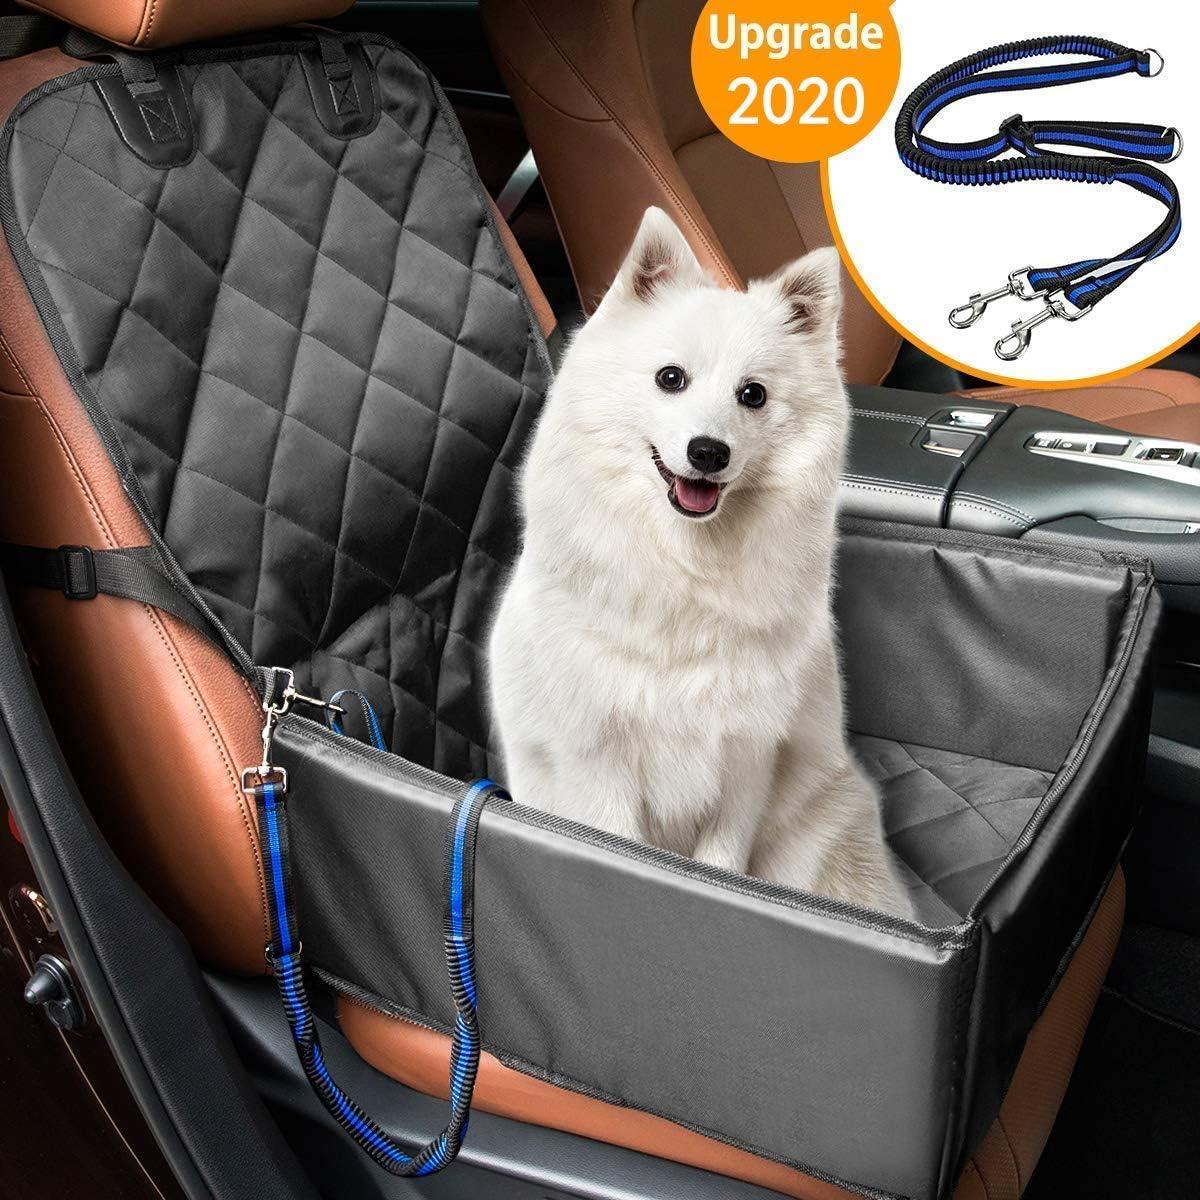 MATCC Protector de Asiento de Coche para Mascota Funda de Coche para Perros de Transporte 3 en 1 con Cadena Ajustable Impermeable Resistente al Desgaste Protección para Mascotas de Coche para Viajar